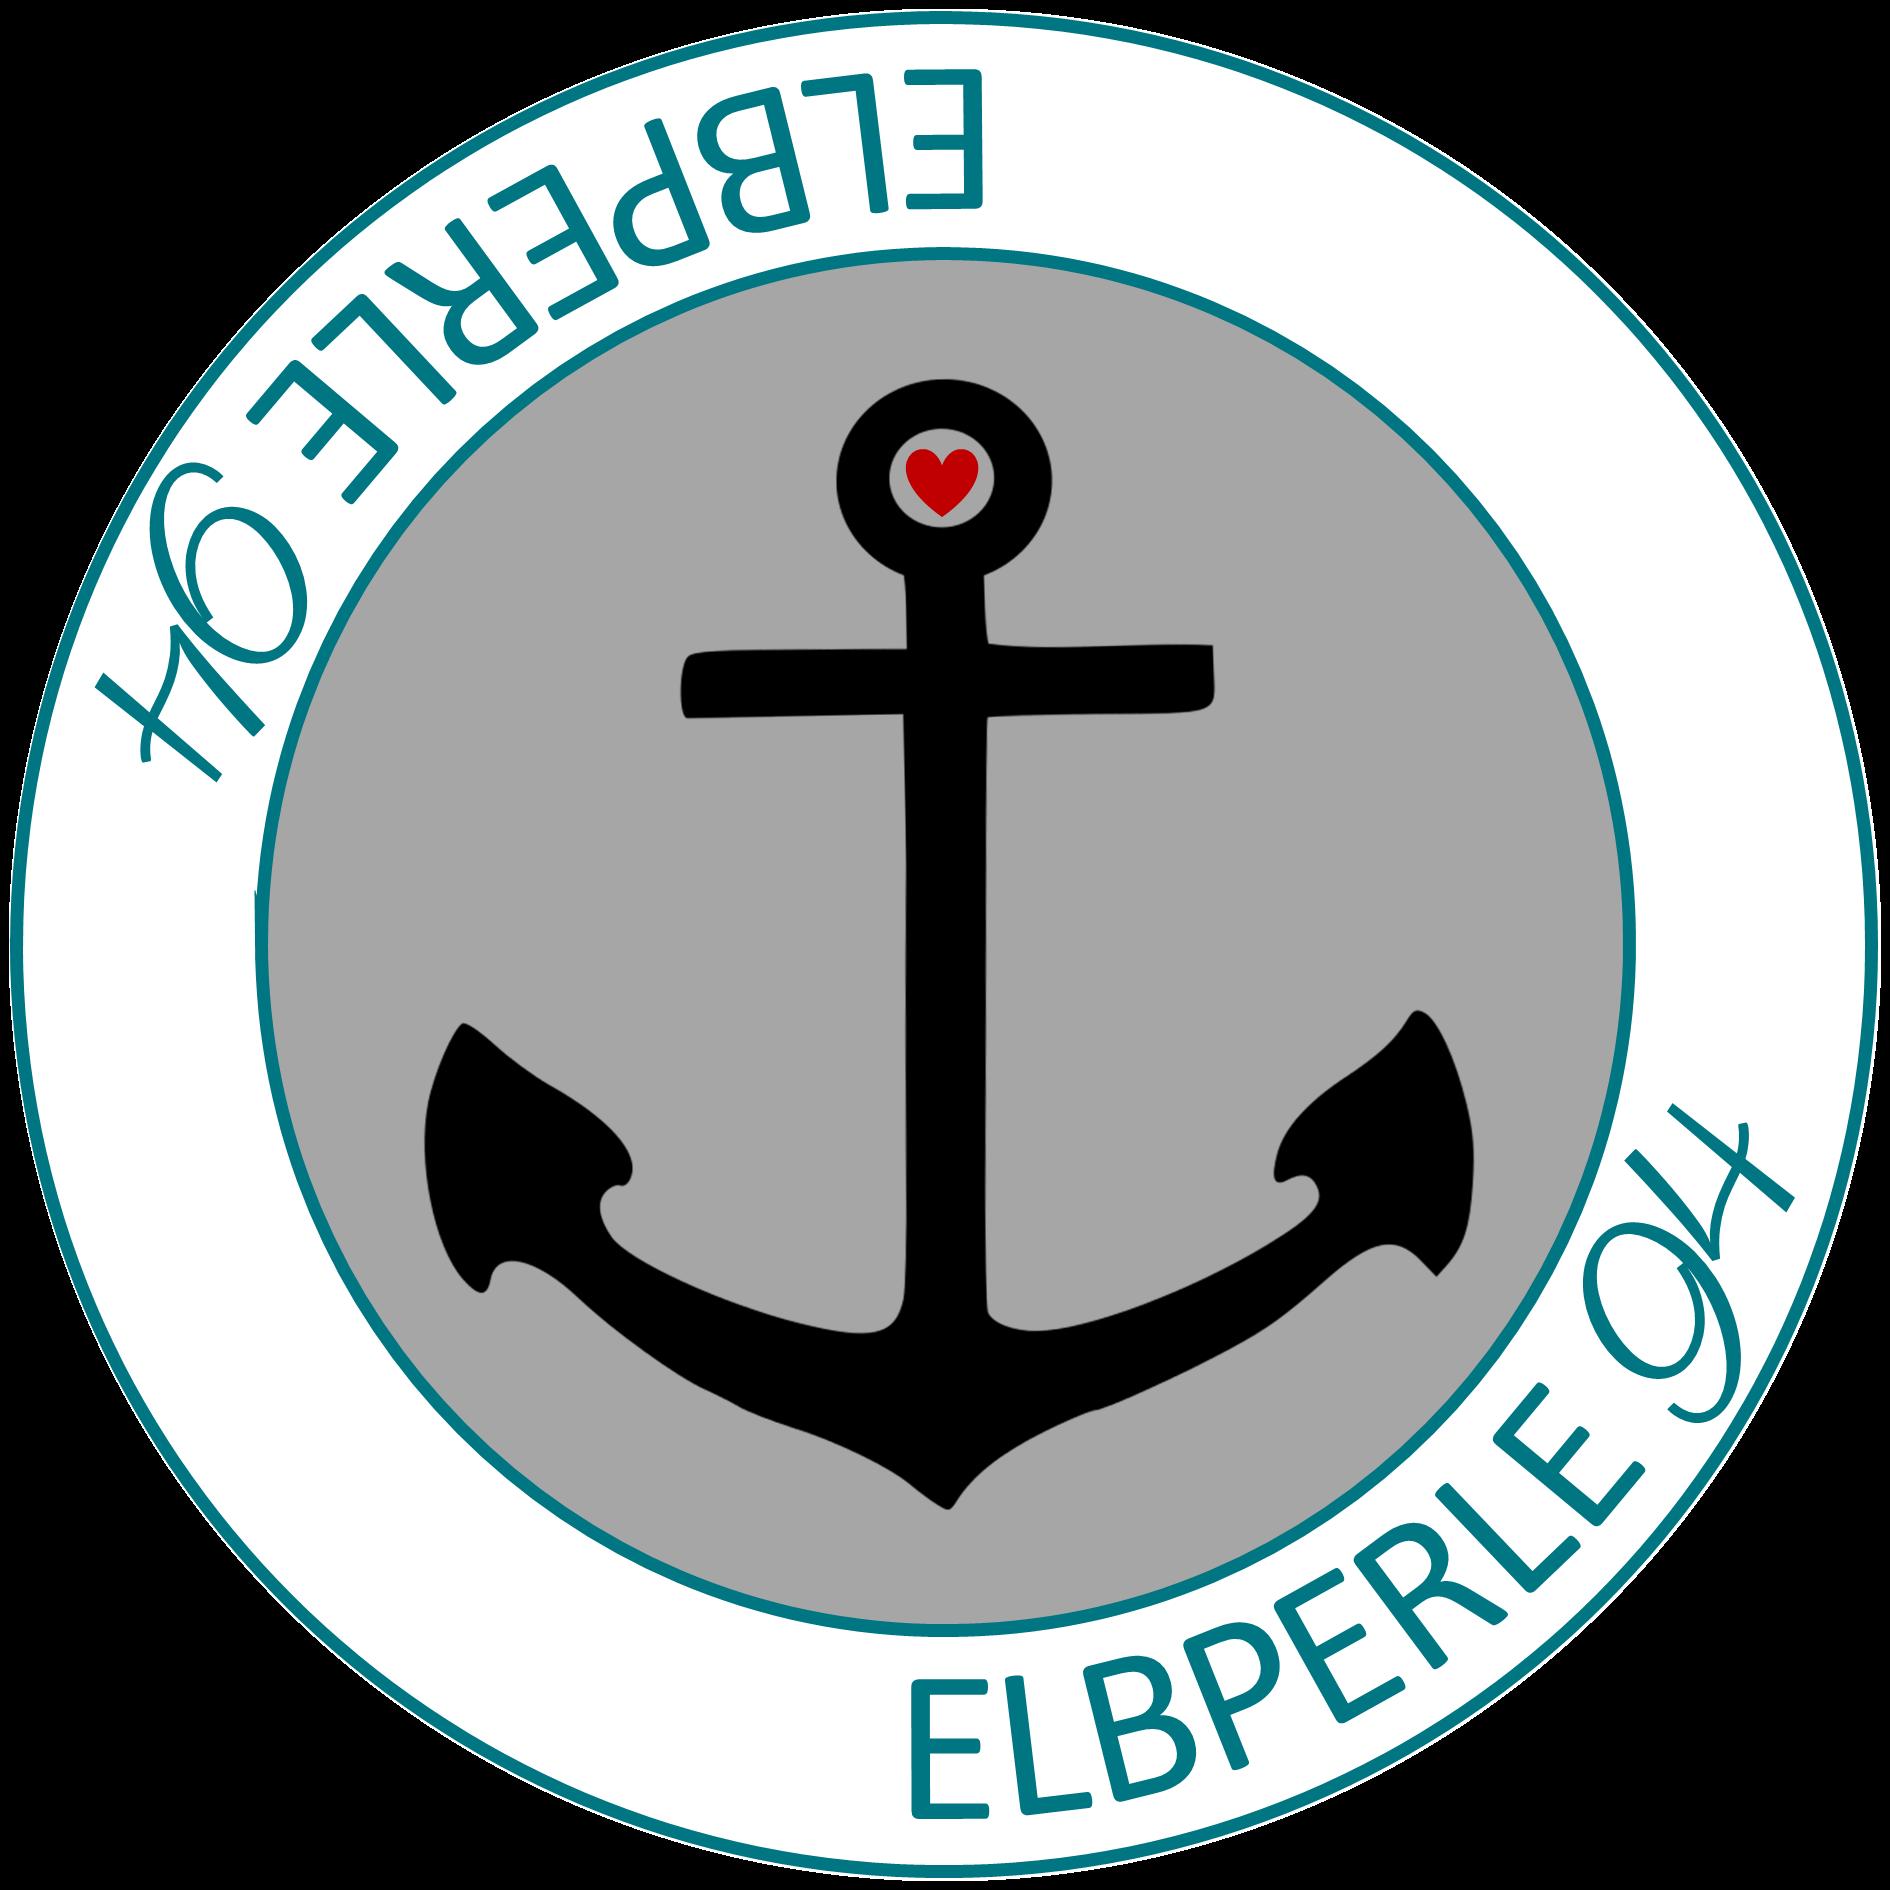 Elbperle 94